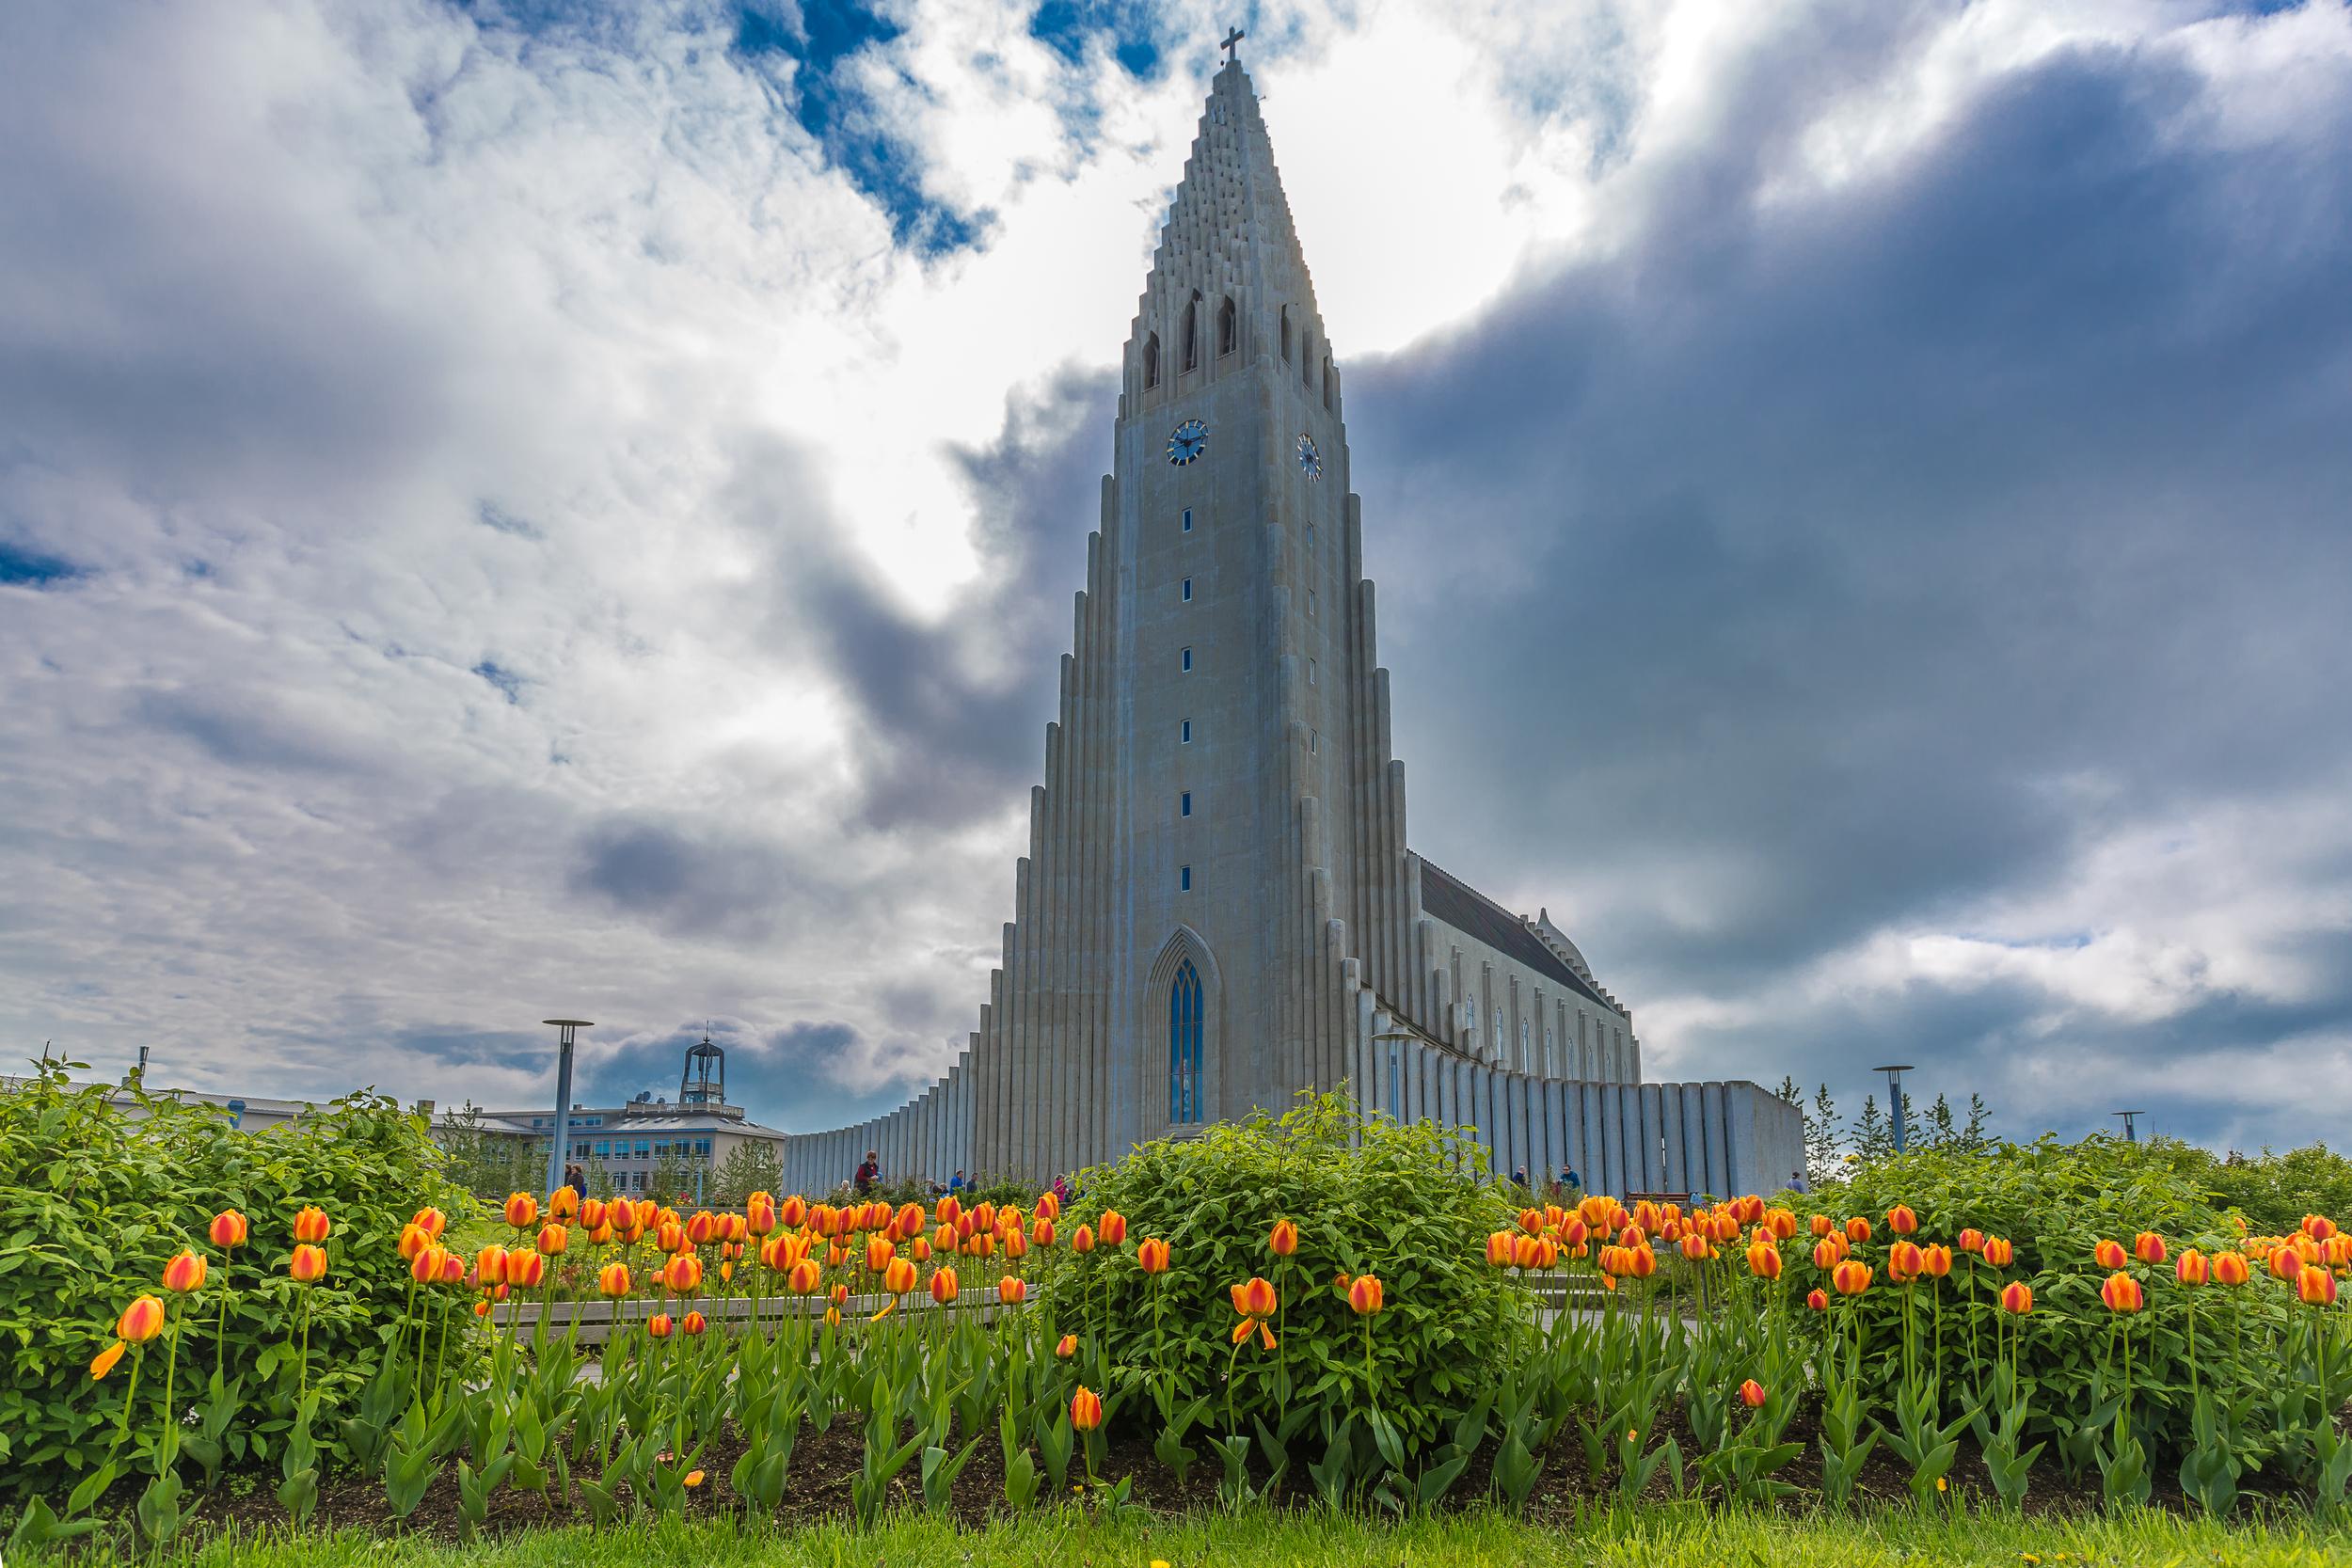 Iceland_20140603_Reykjavik-3.jpg